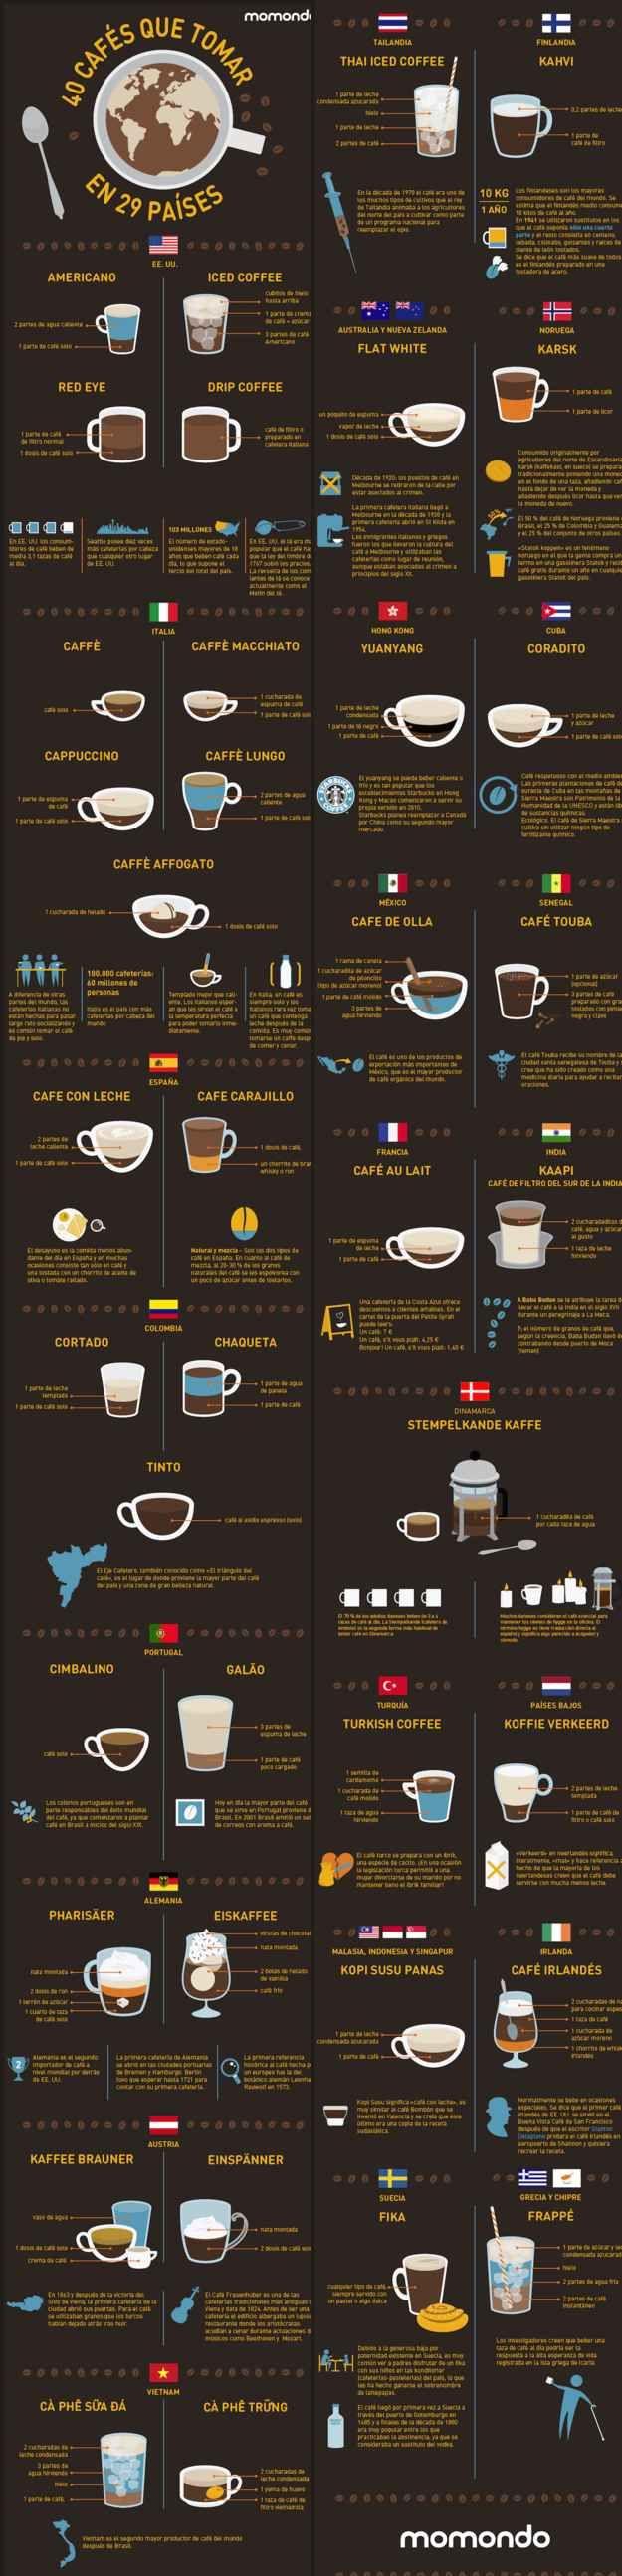 Y finalmente, imprime esta guía, pues te ayuda a saber qué pedir cuando viajas alrededor del mundo: